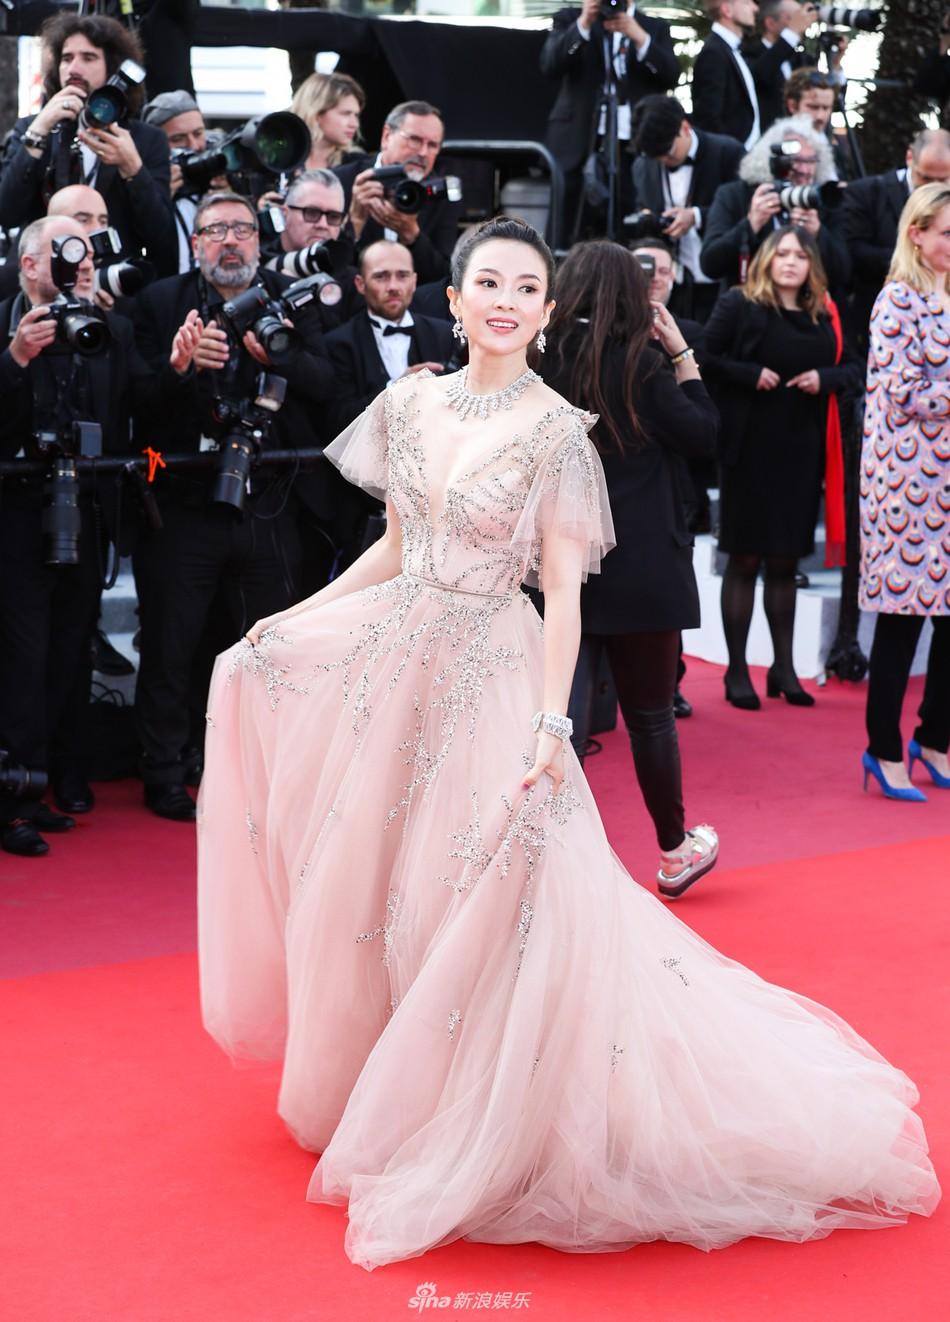 Chương Tử Di đẹp lộng lẫy không tì vết ngày bế mạc Cannes 2019 nhưng một người đẹp 50 tuổi khác cũng gây chú ý không kém  - Ảnh 1.